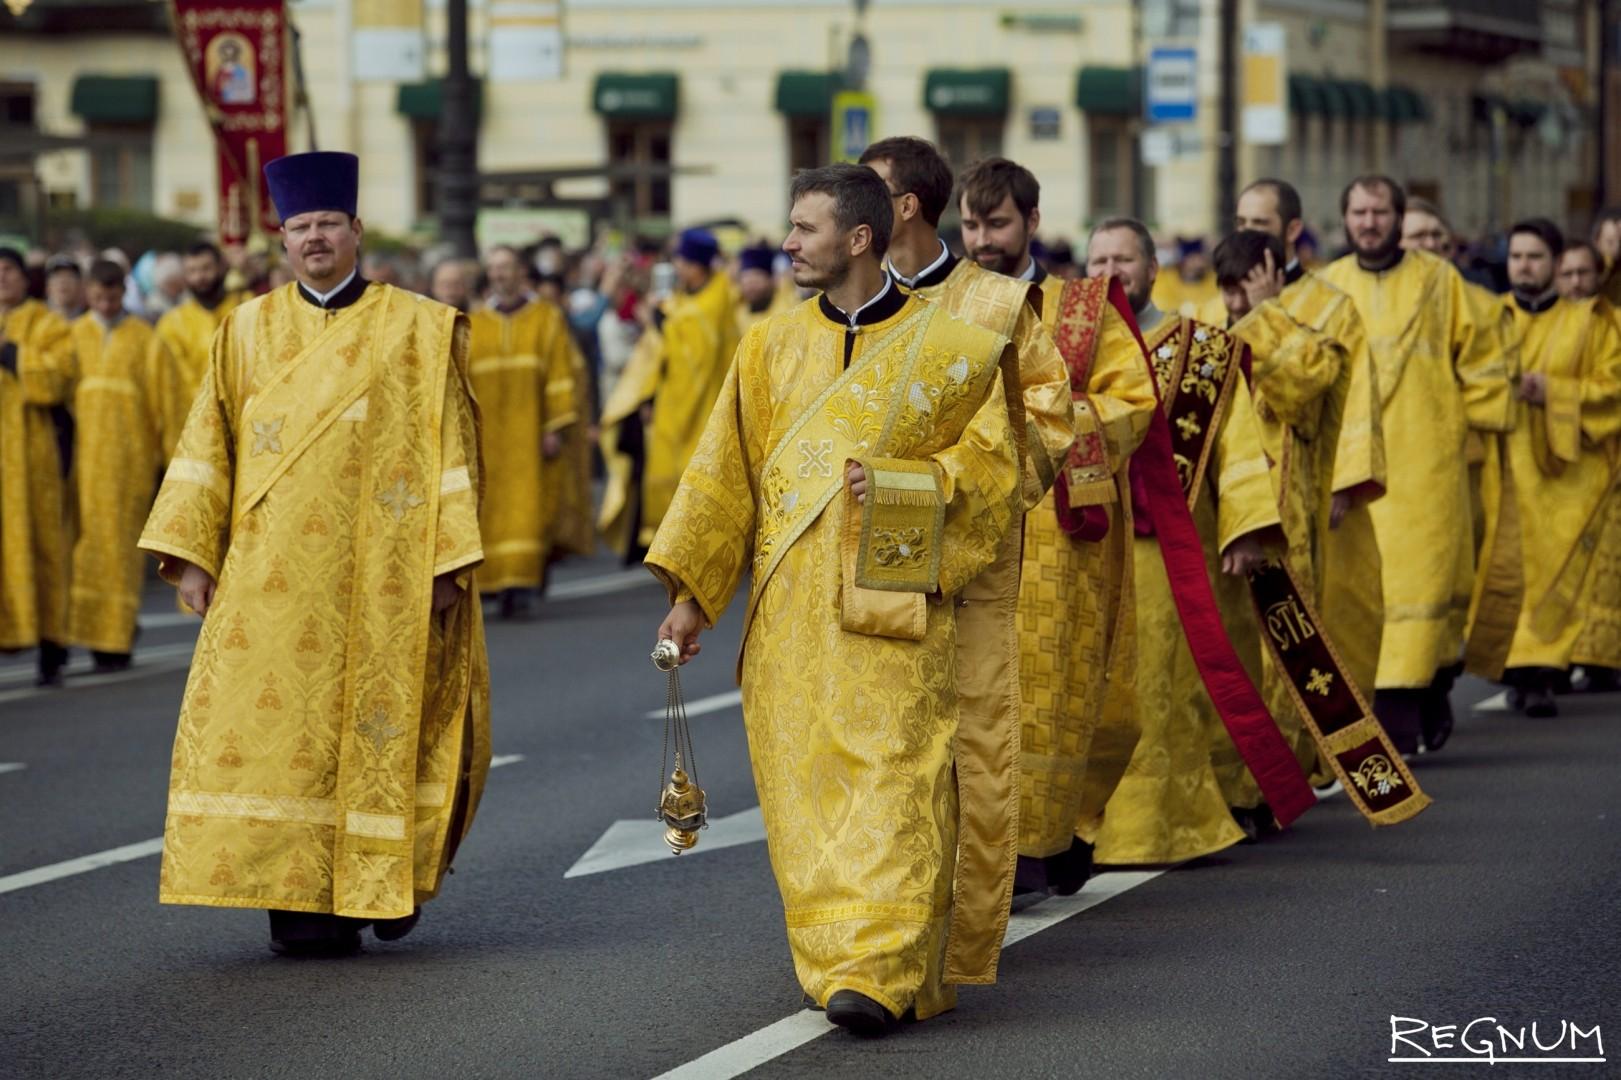 Крестный ход по Невскому проспекту в честь Дня перенесения мощей святого благоверного князя Александра Невского